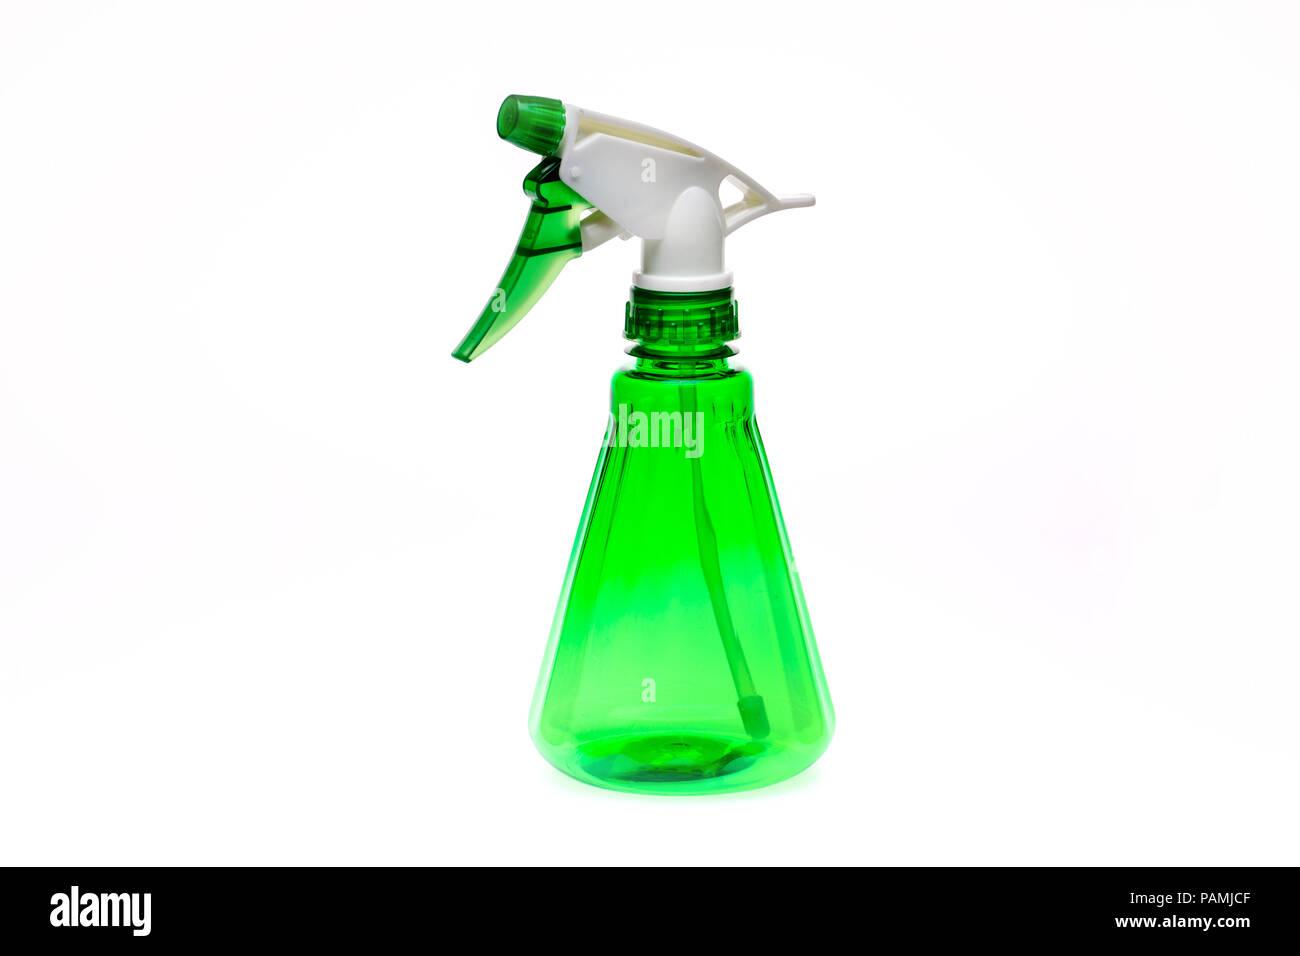 Kunststoff wasser Sprühflasche auf weißem Hintergrund Stockbild